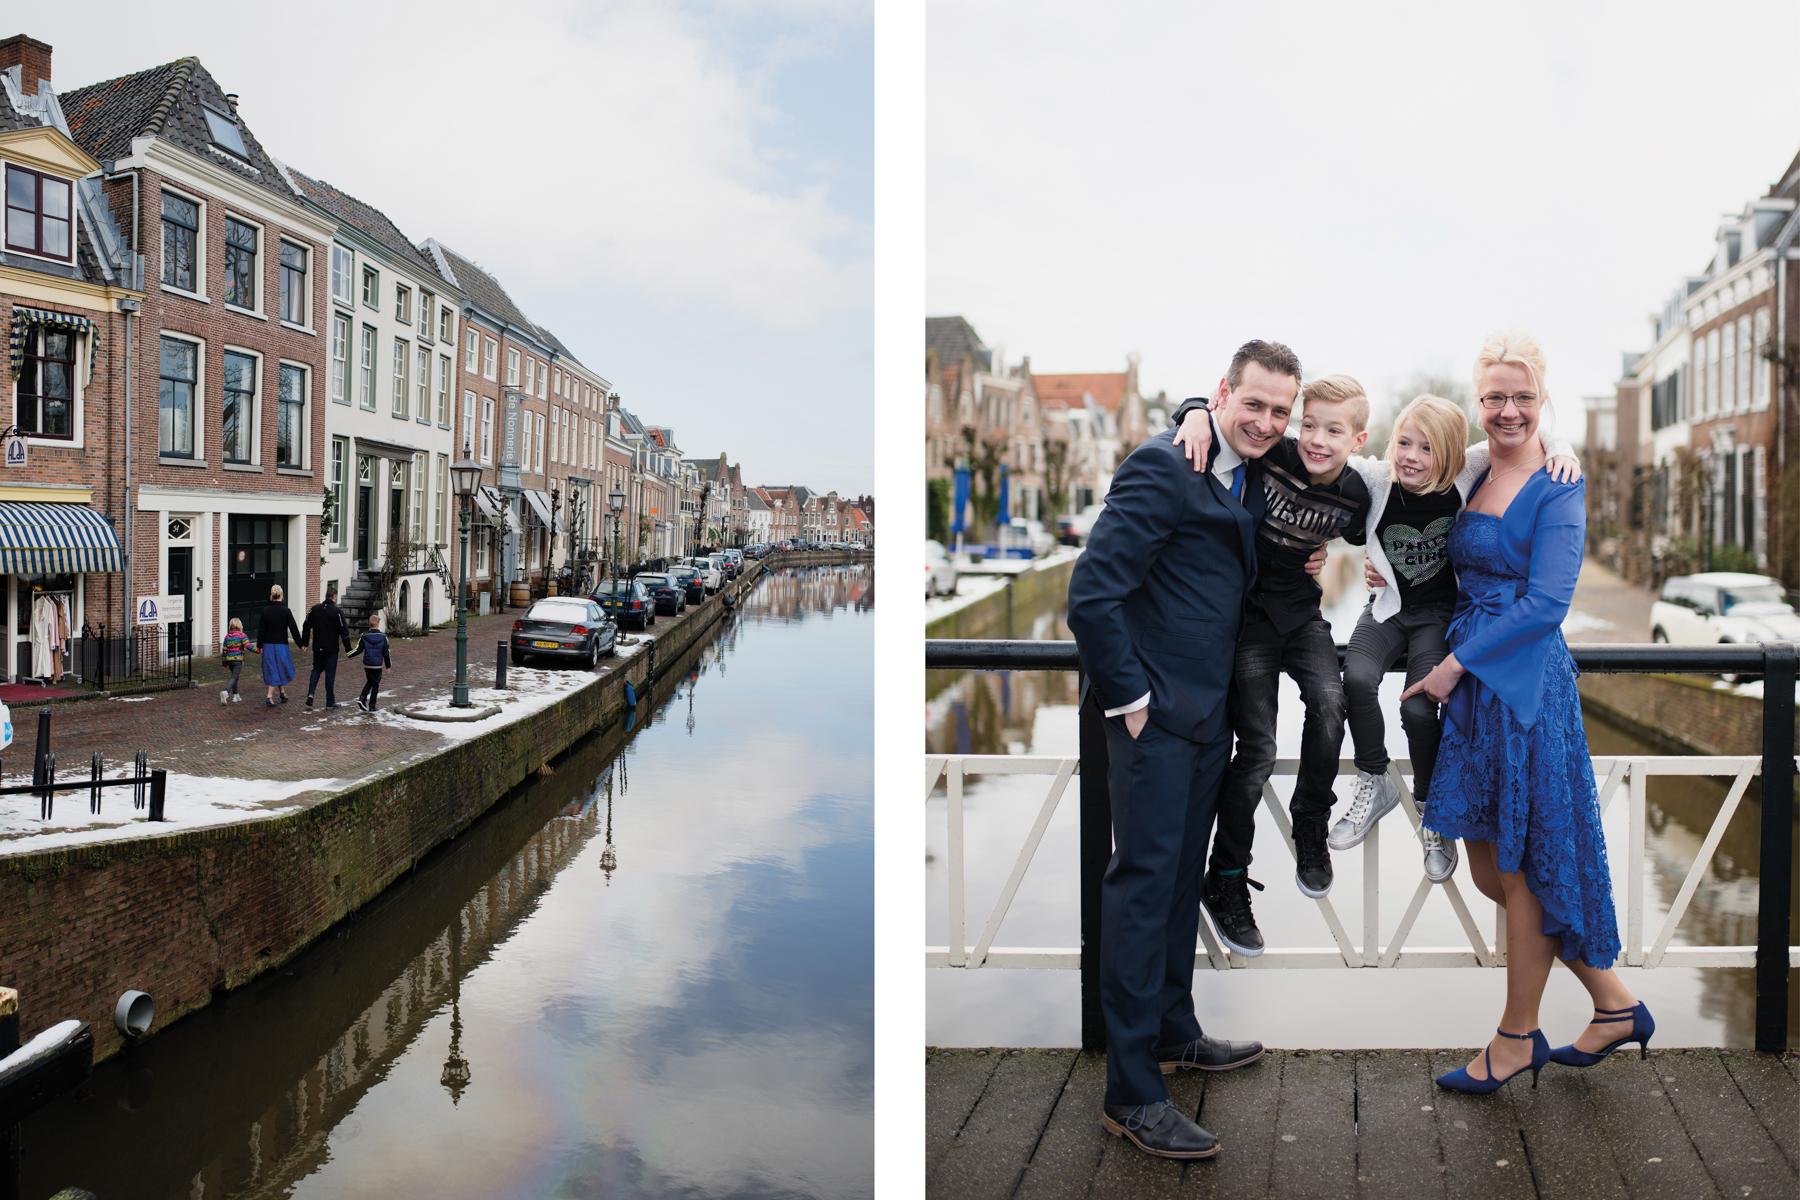 Fotografie van doop, belijdenis en trouwdienst van Janine en Arjen (24 van 55)